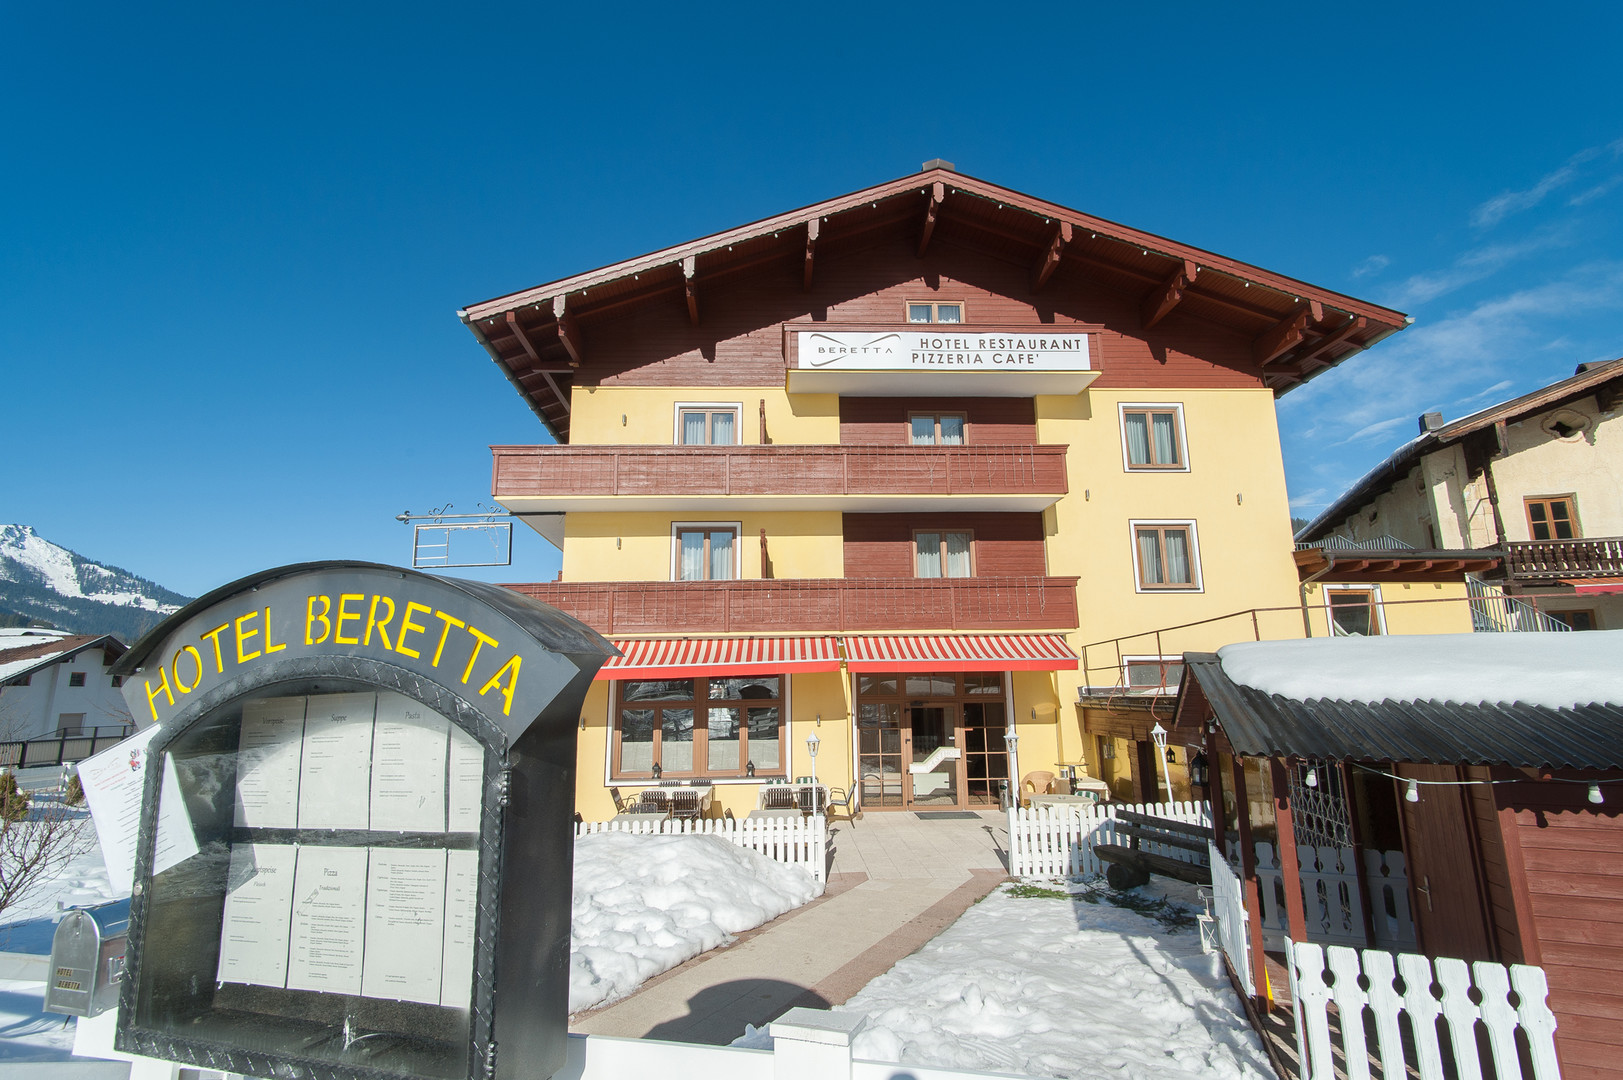 Hotel Beretta